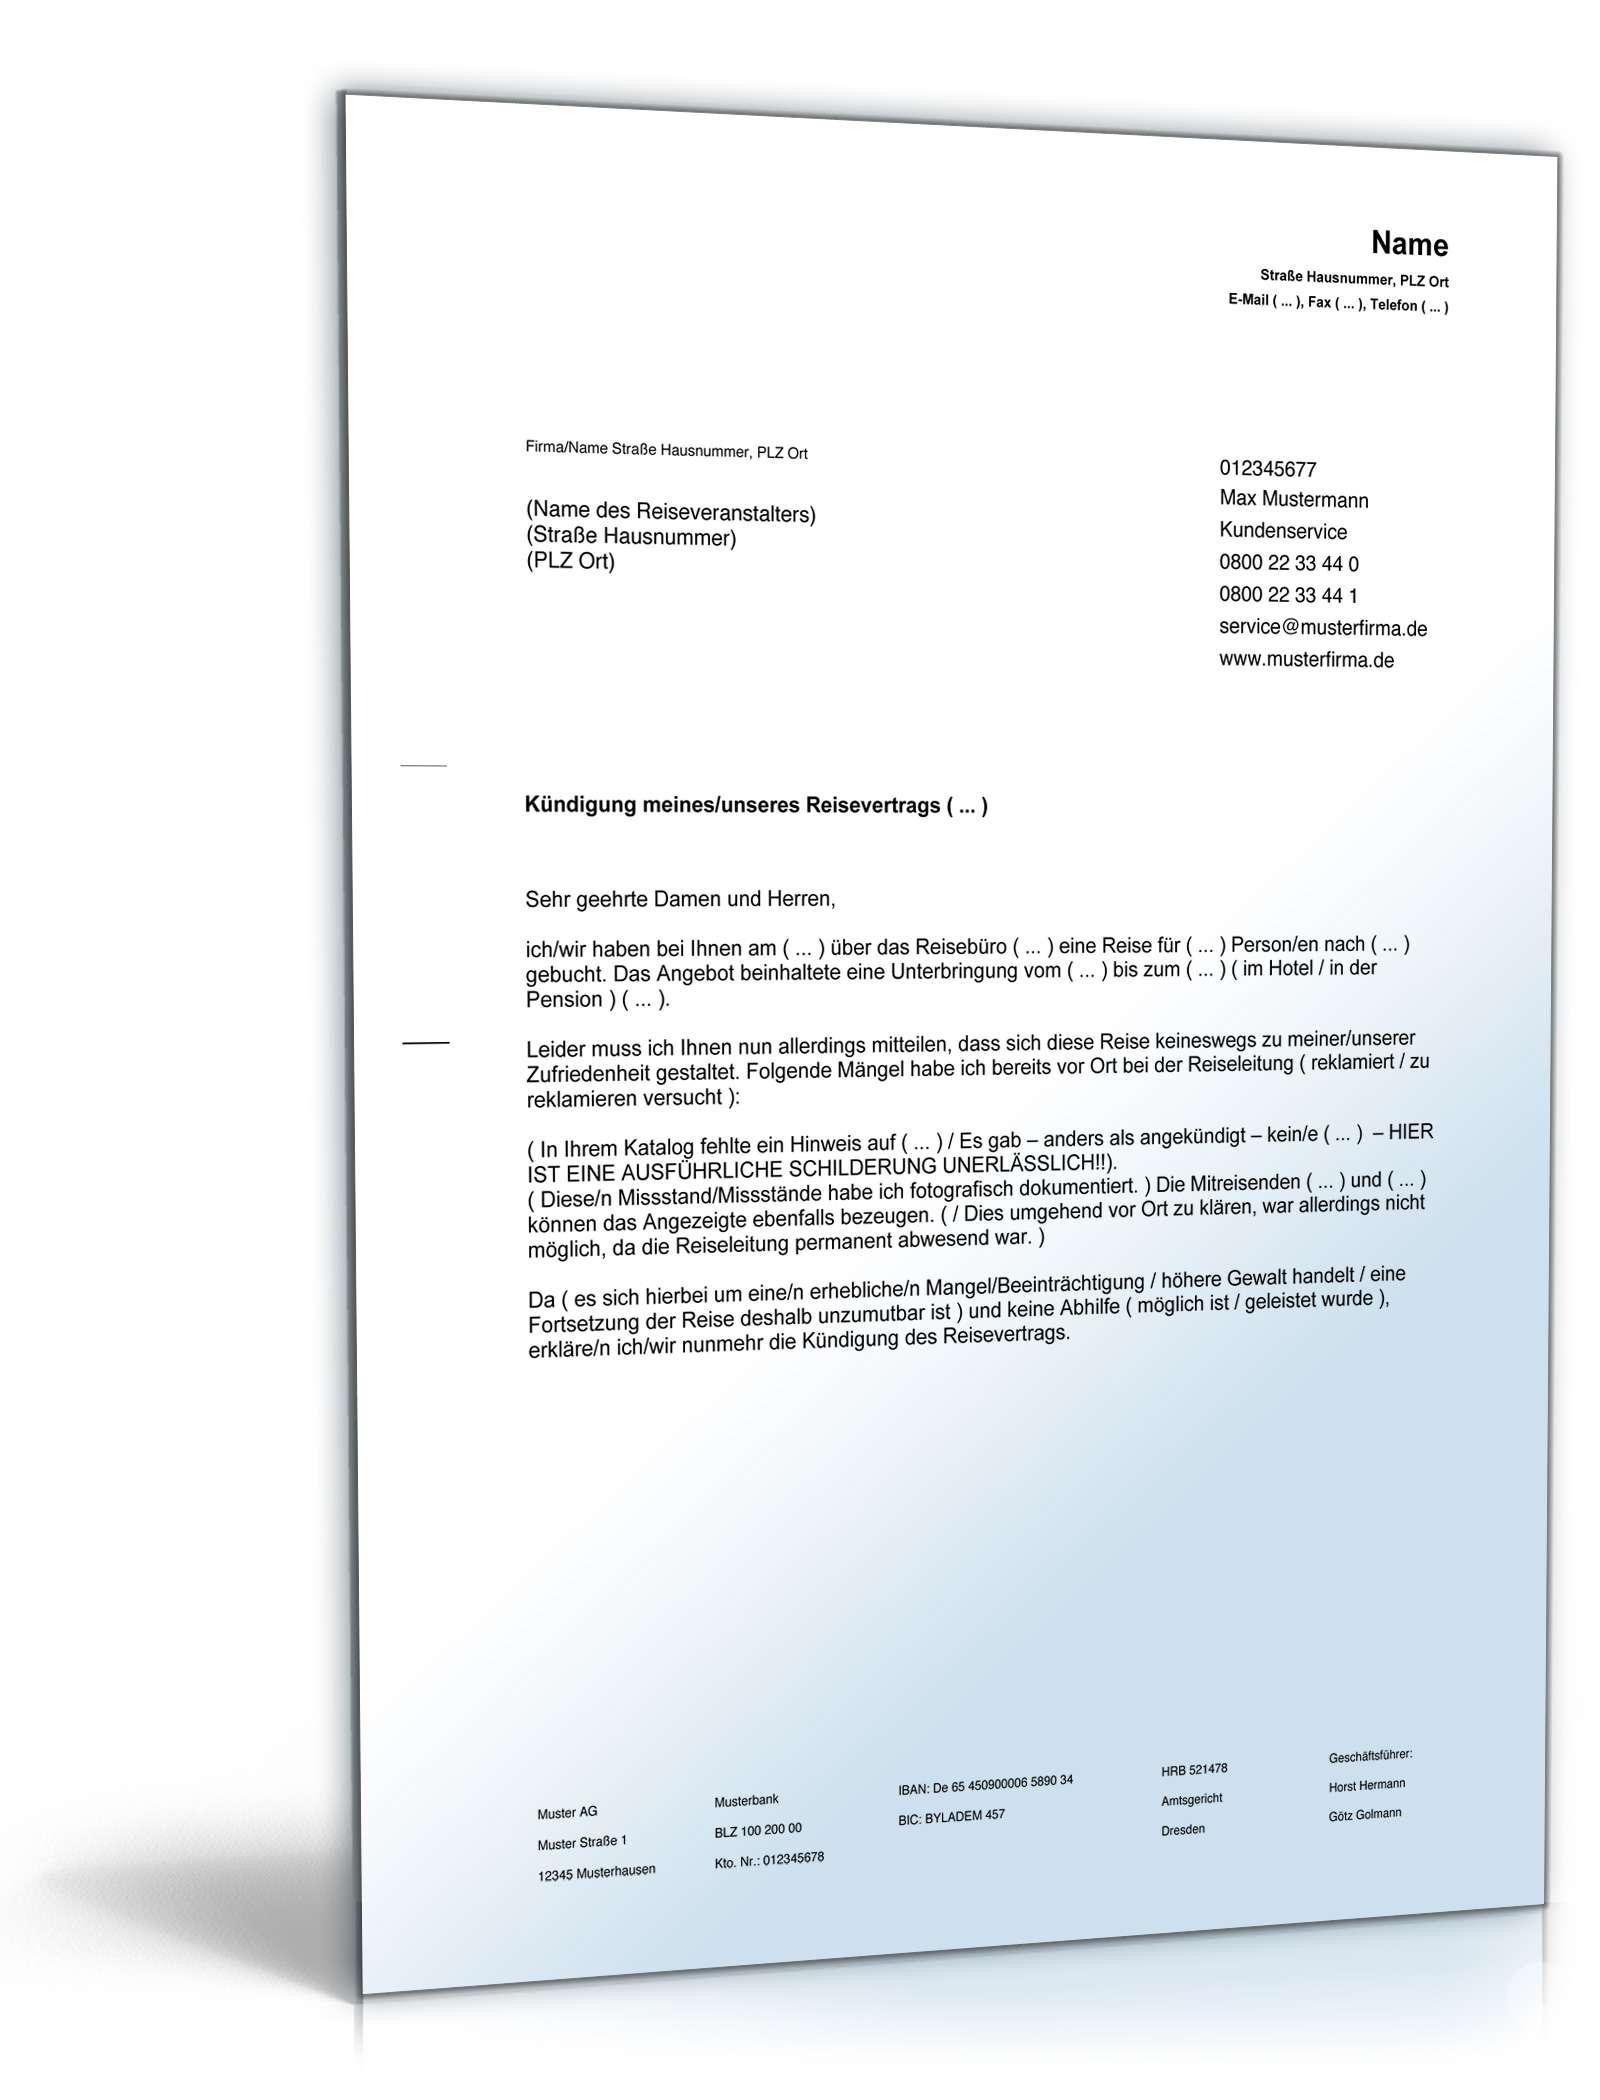 Kündigung Reisevertrag | Vorlage zum Download